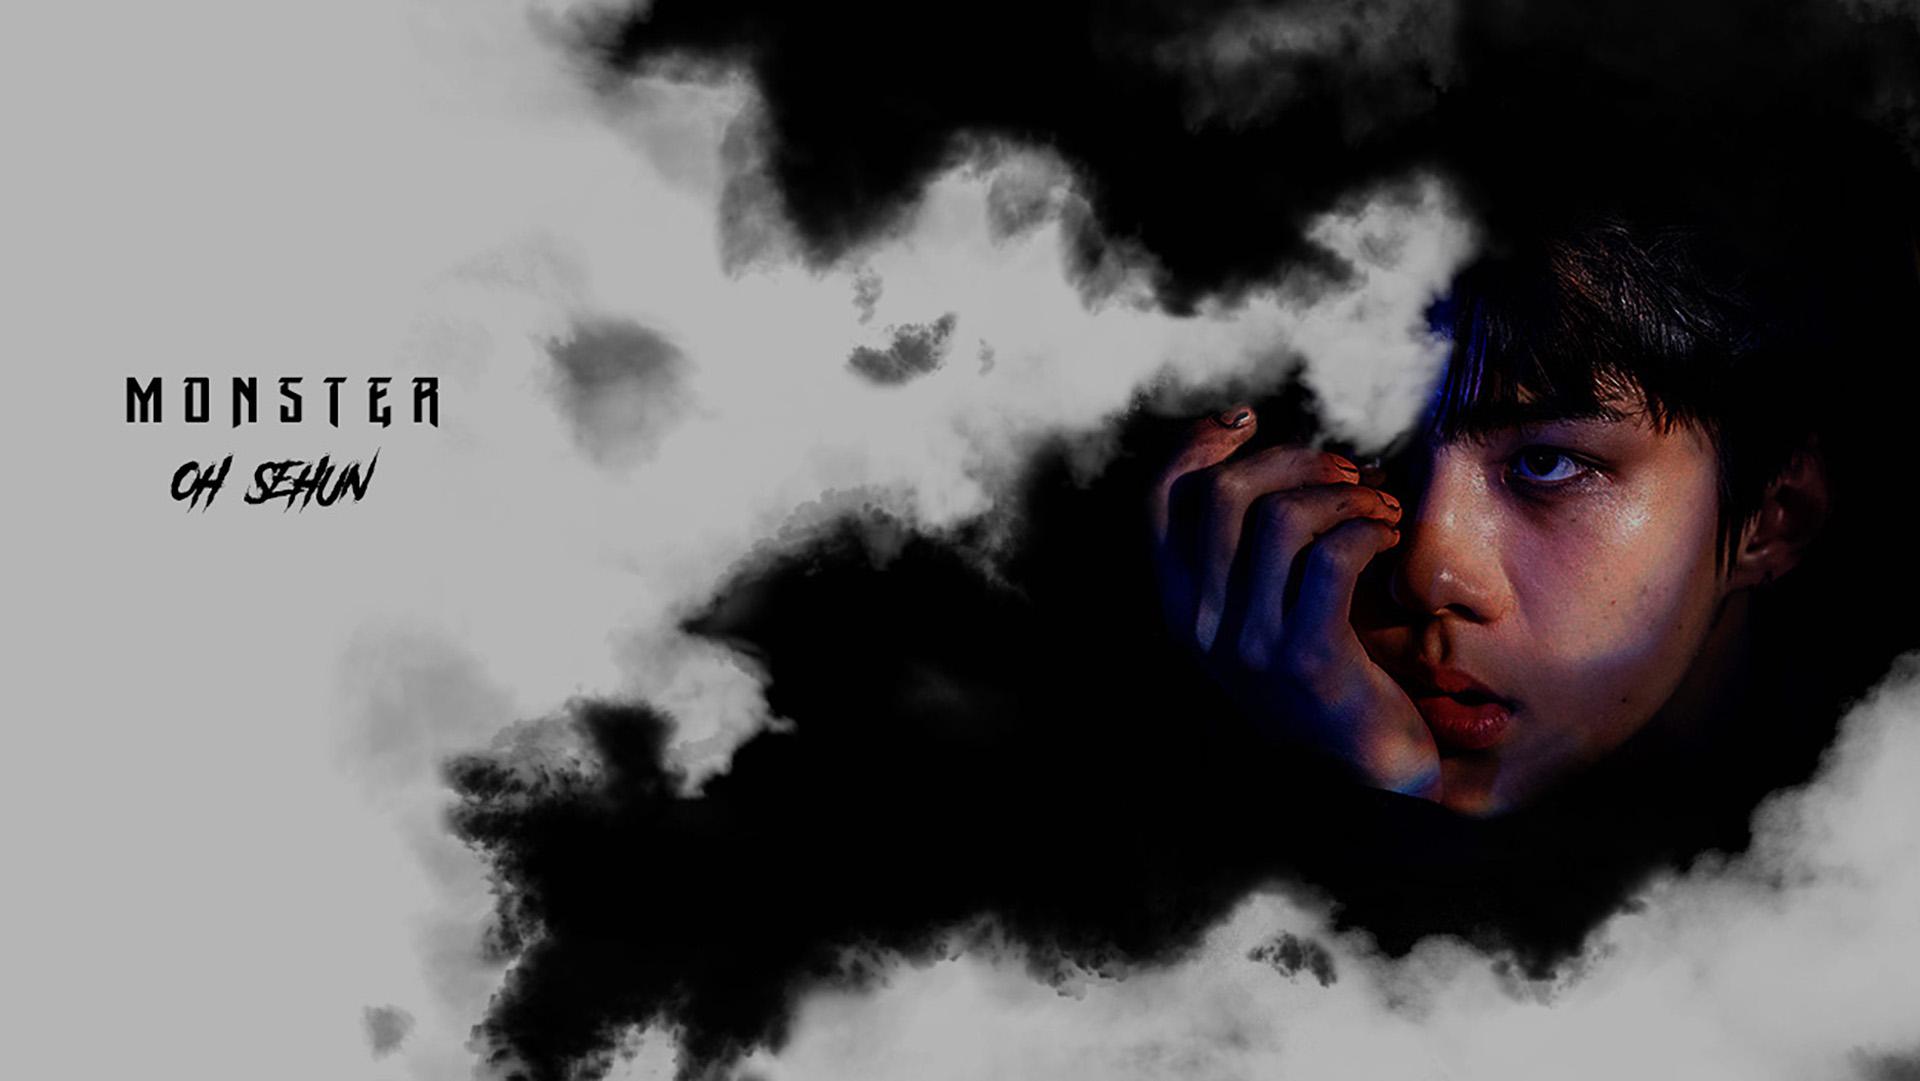 EXO Sehun Wallpaper by exoismn on DeviantArt  EXO Sehun Wallp...